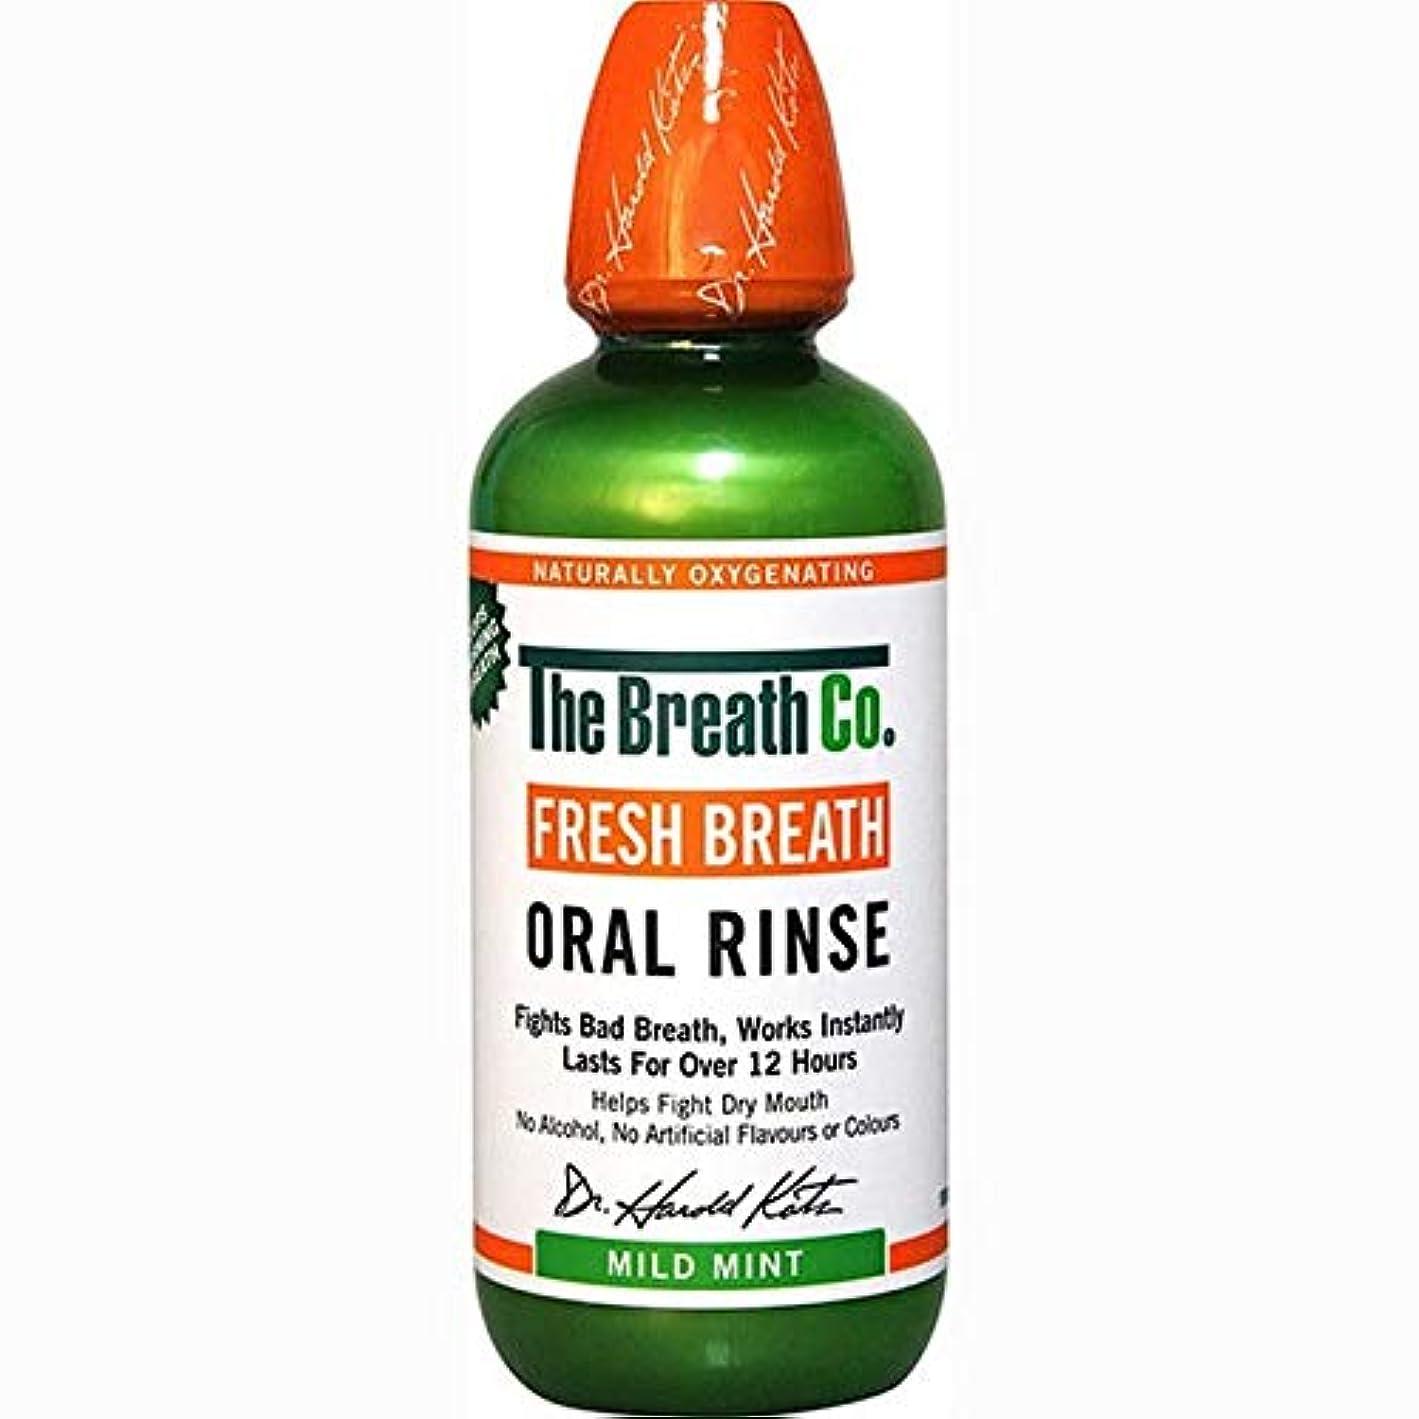 受粉者ロシア弱い[The Breath Co] 息のCo新鮮な息口腔リンスマイルドミント500ミリリットル - The Breath Co Fresh Breath Oral Rinse Mild Mint 500ml [並行輸入品]